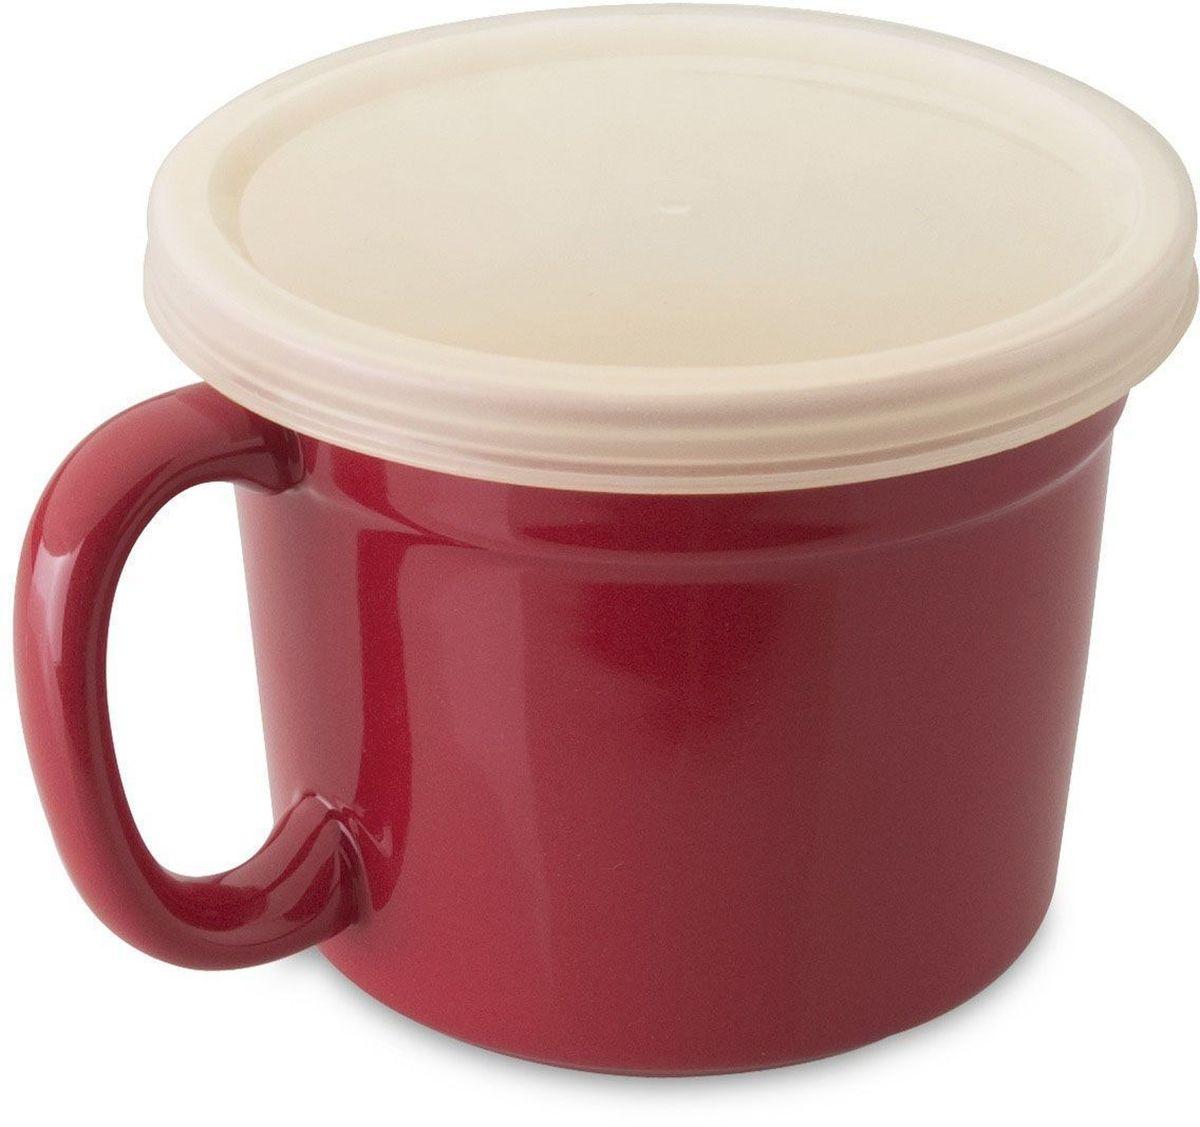 Набор чашек BergHOFF Geminis, с крышкой, 0,5 л, 2 шт. 16950751695075Набор чашек BergHOFF Geminis - эти чашки имеют современный обтекаемый дизайн, бордовую расцветку и станут яркой изюминкой на вашей кухне.